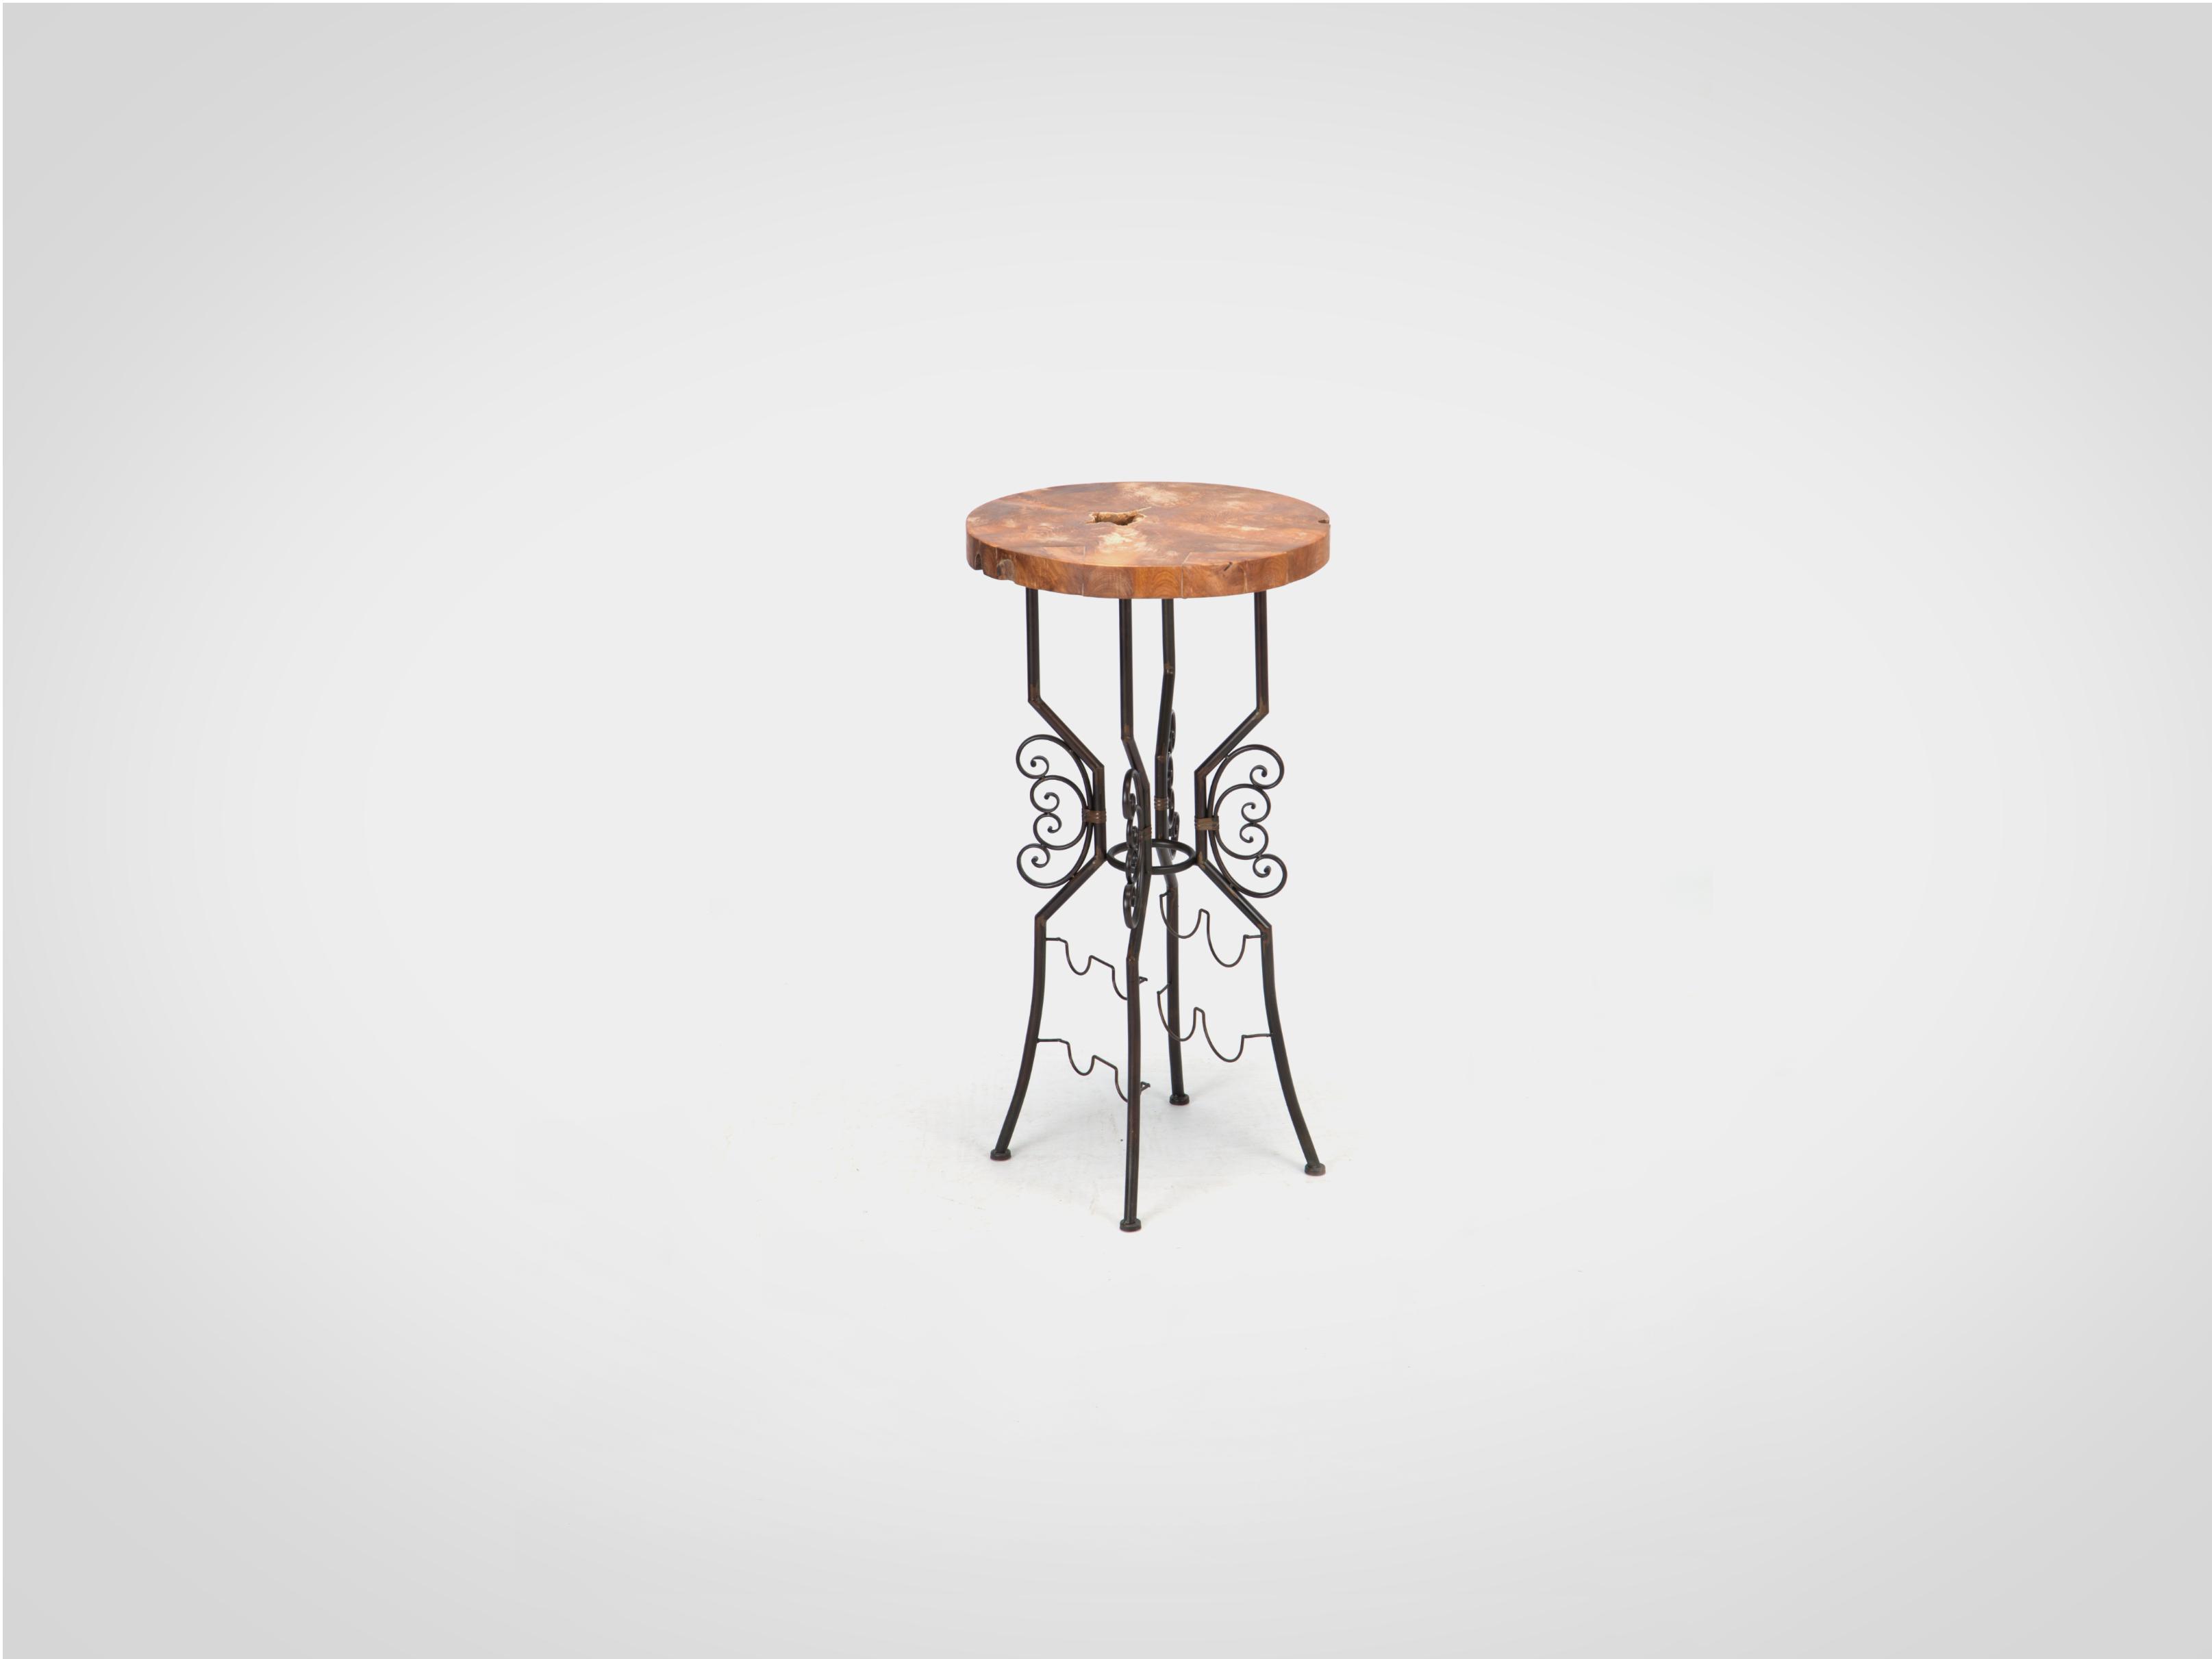 Купить Столик барный с держателями для напитков и бокалов 104х55 см, inmyroom, Китай